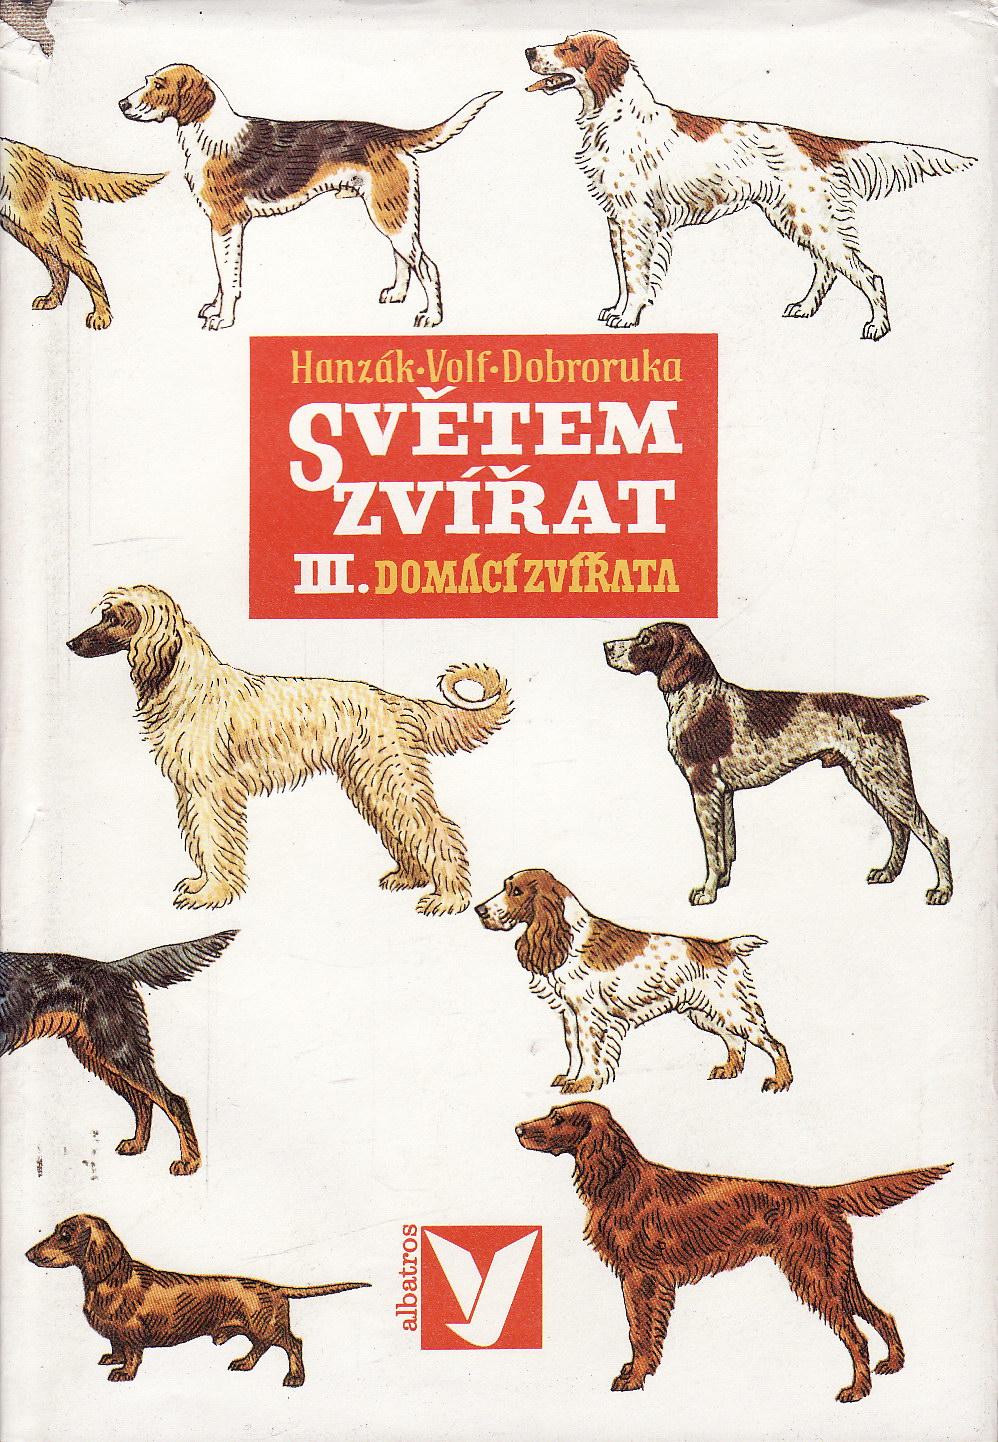 Světem zvířat III., Domácí zvířata / Hanzák, Volf, 1977